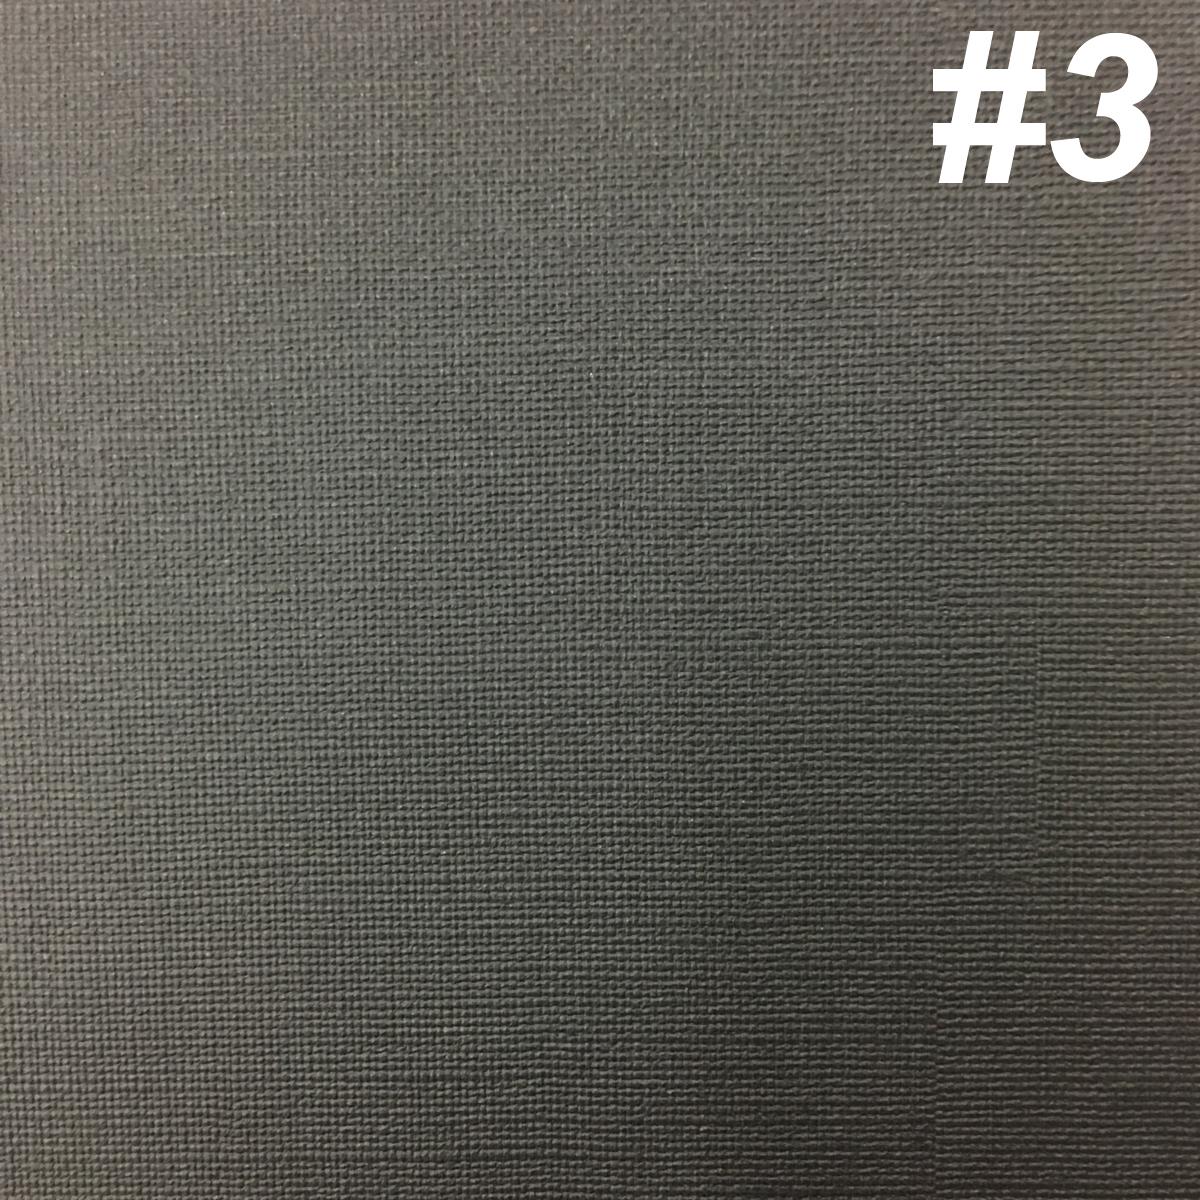 【黒部屋シリーズ】黒色壁紙クロス4種ブラックウォールペーパー_画像7